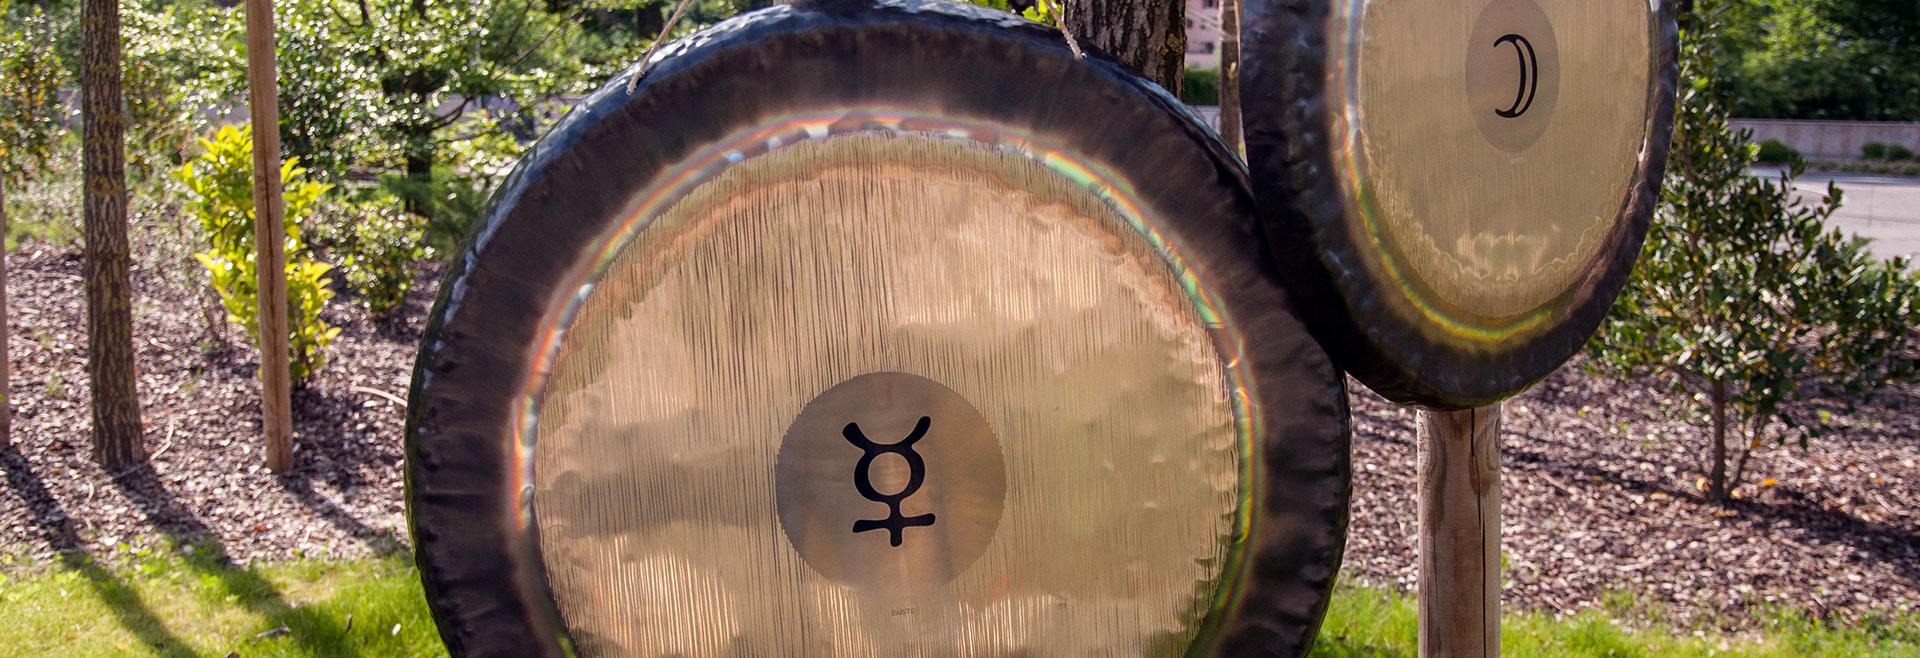 gong bagno di suono